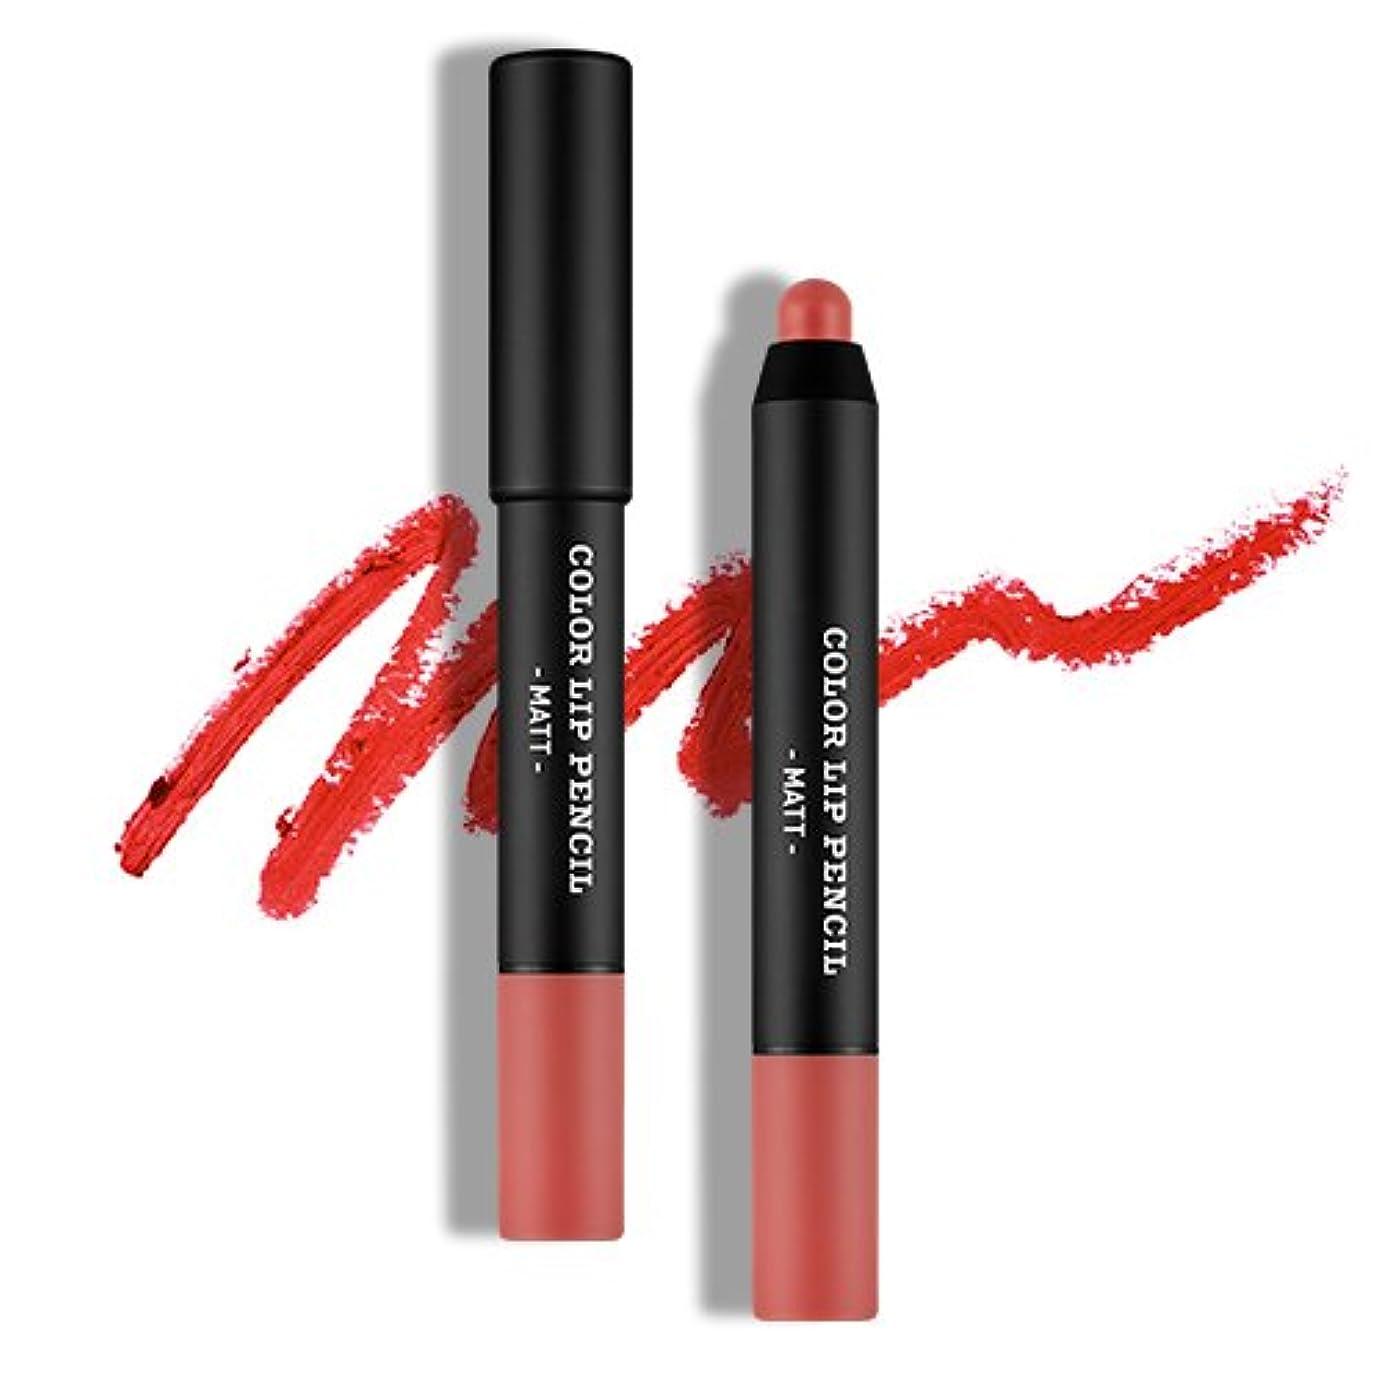 アピールフライト規模[韓国コスメ Apieu] [オピュ] カラーリップペンシル(マット) [Apieu] Color Lip Pencil(Matt) (CR01) [並行輸入品]